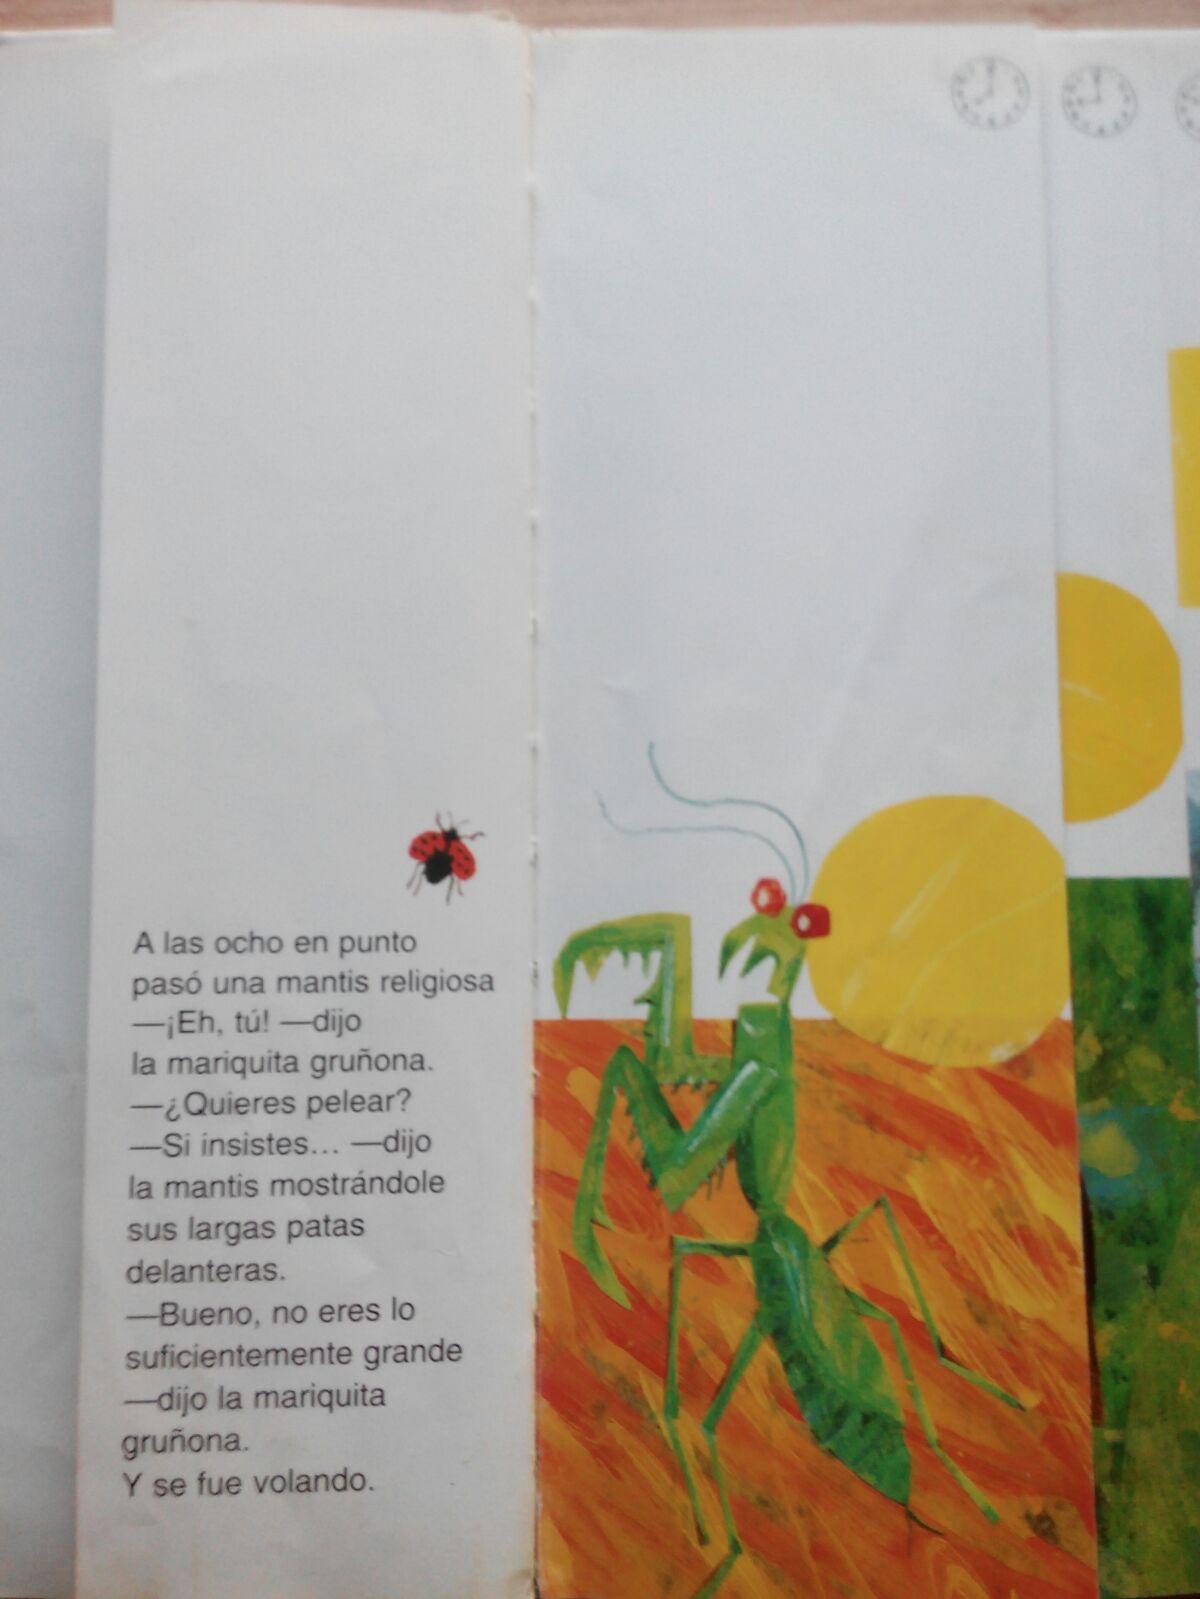 Coleccionando cuentos: La mariquita gruñona